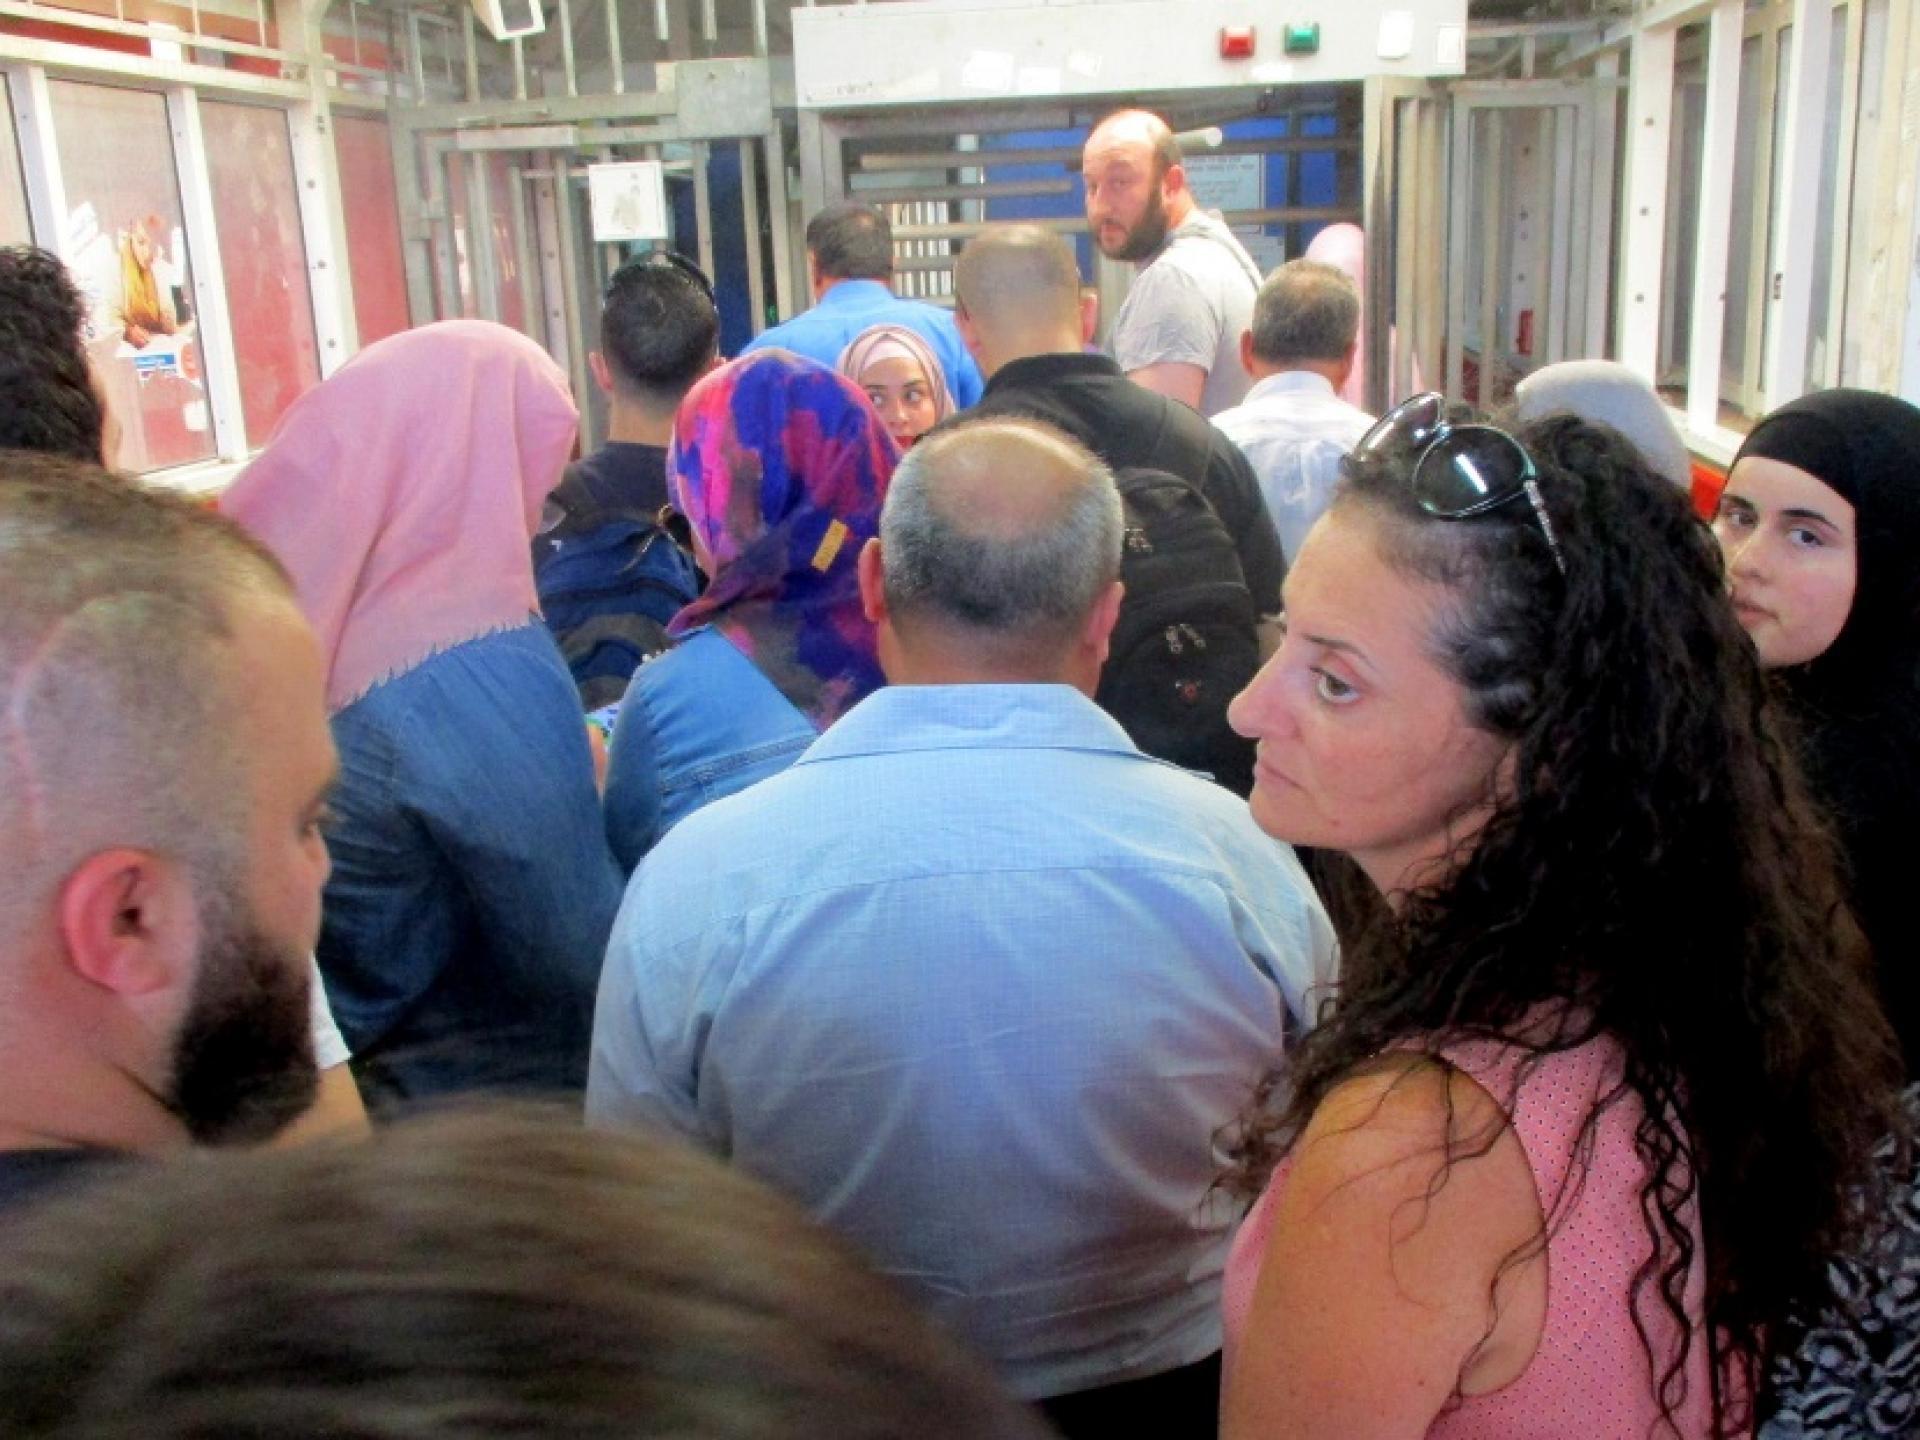 דוחק וצפיפות ואין תזוזה בכניסה למחסום